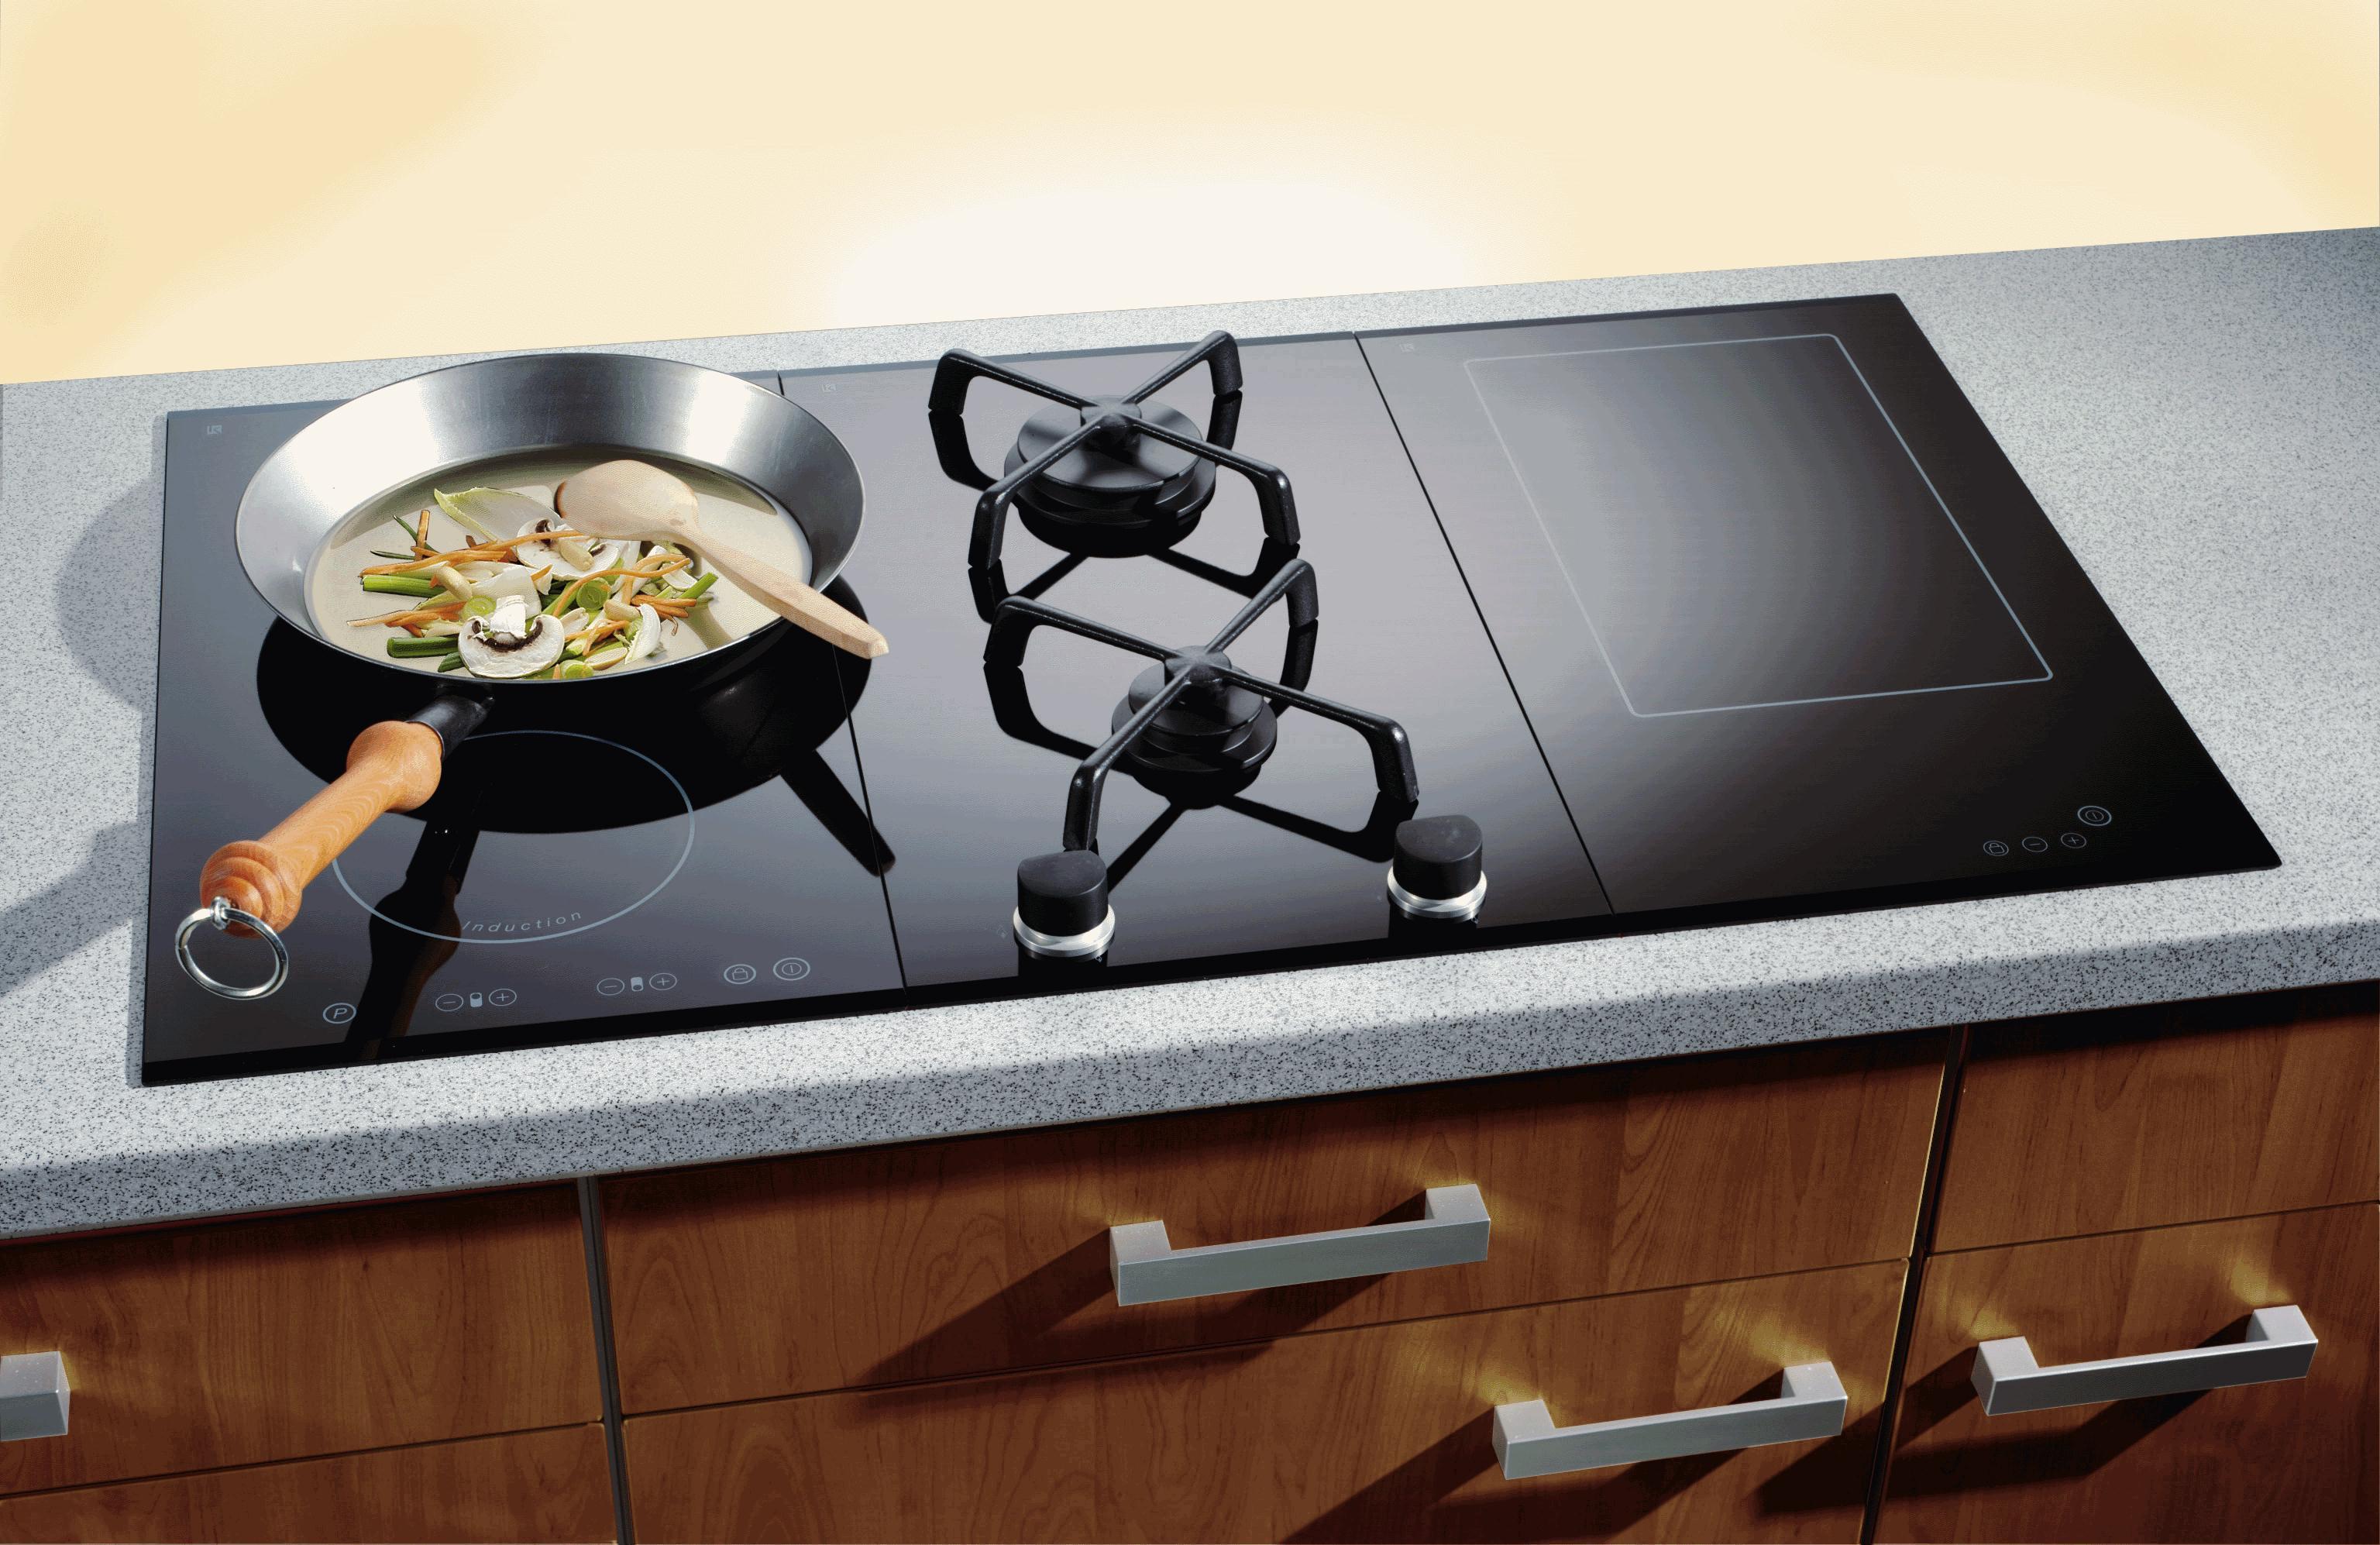 комбинированная индукционная плита